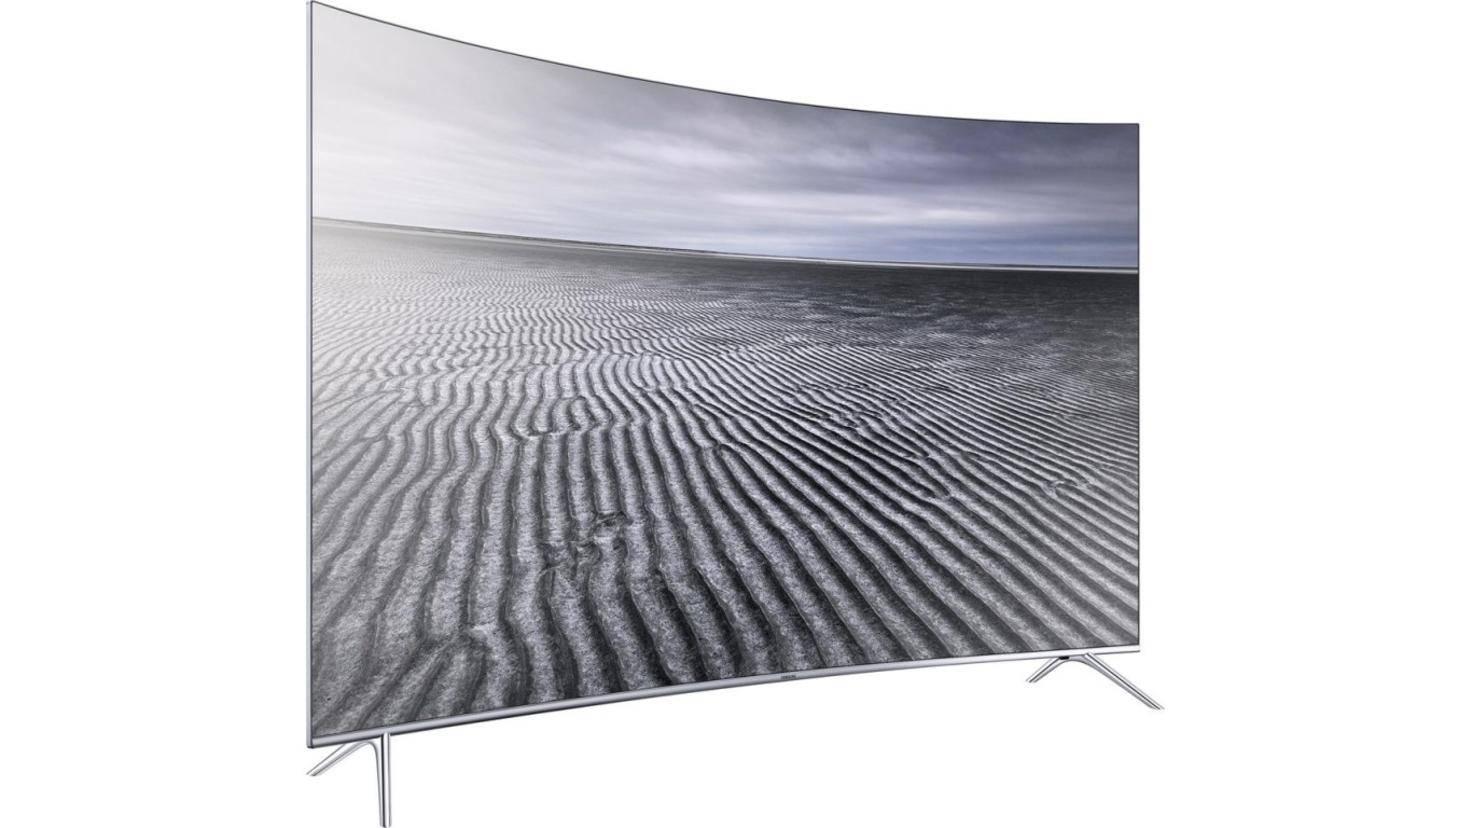 Samsung UE43KS7590